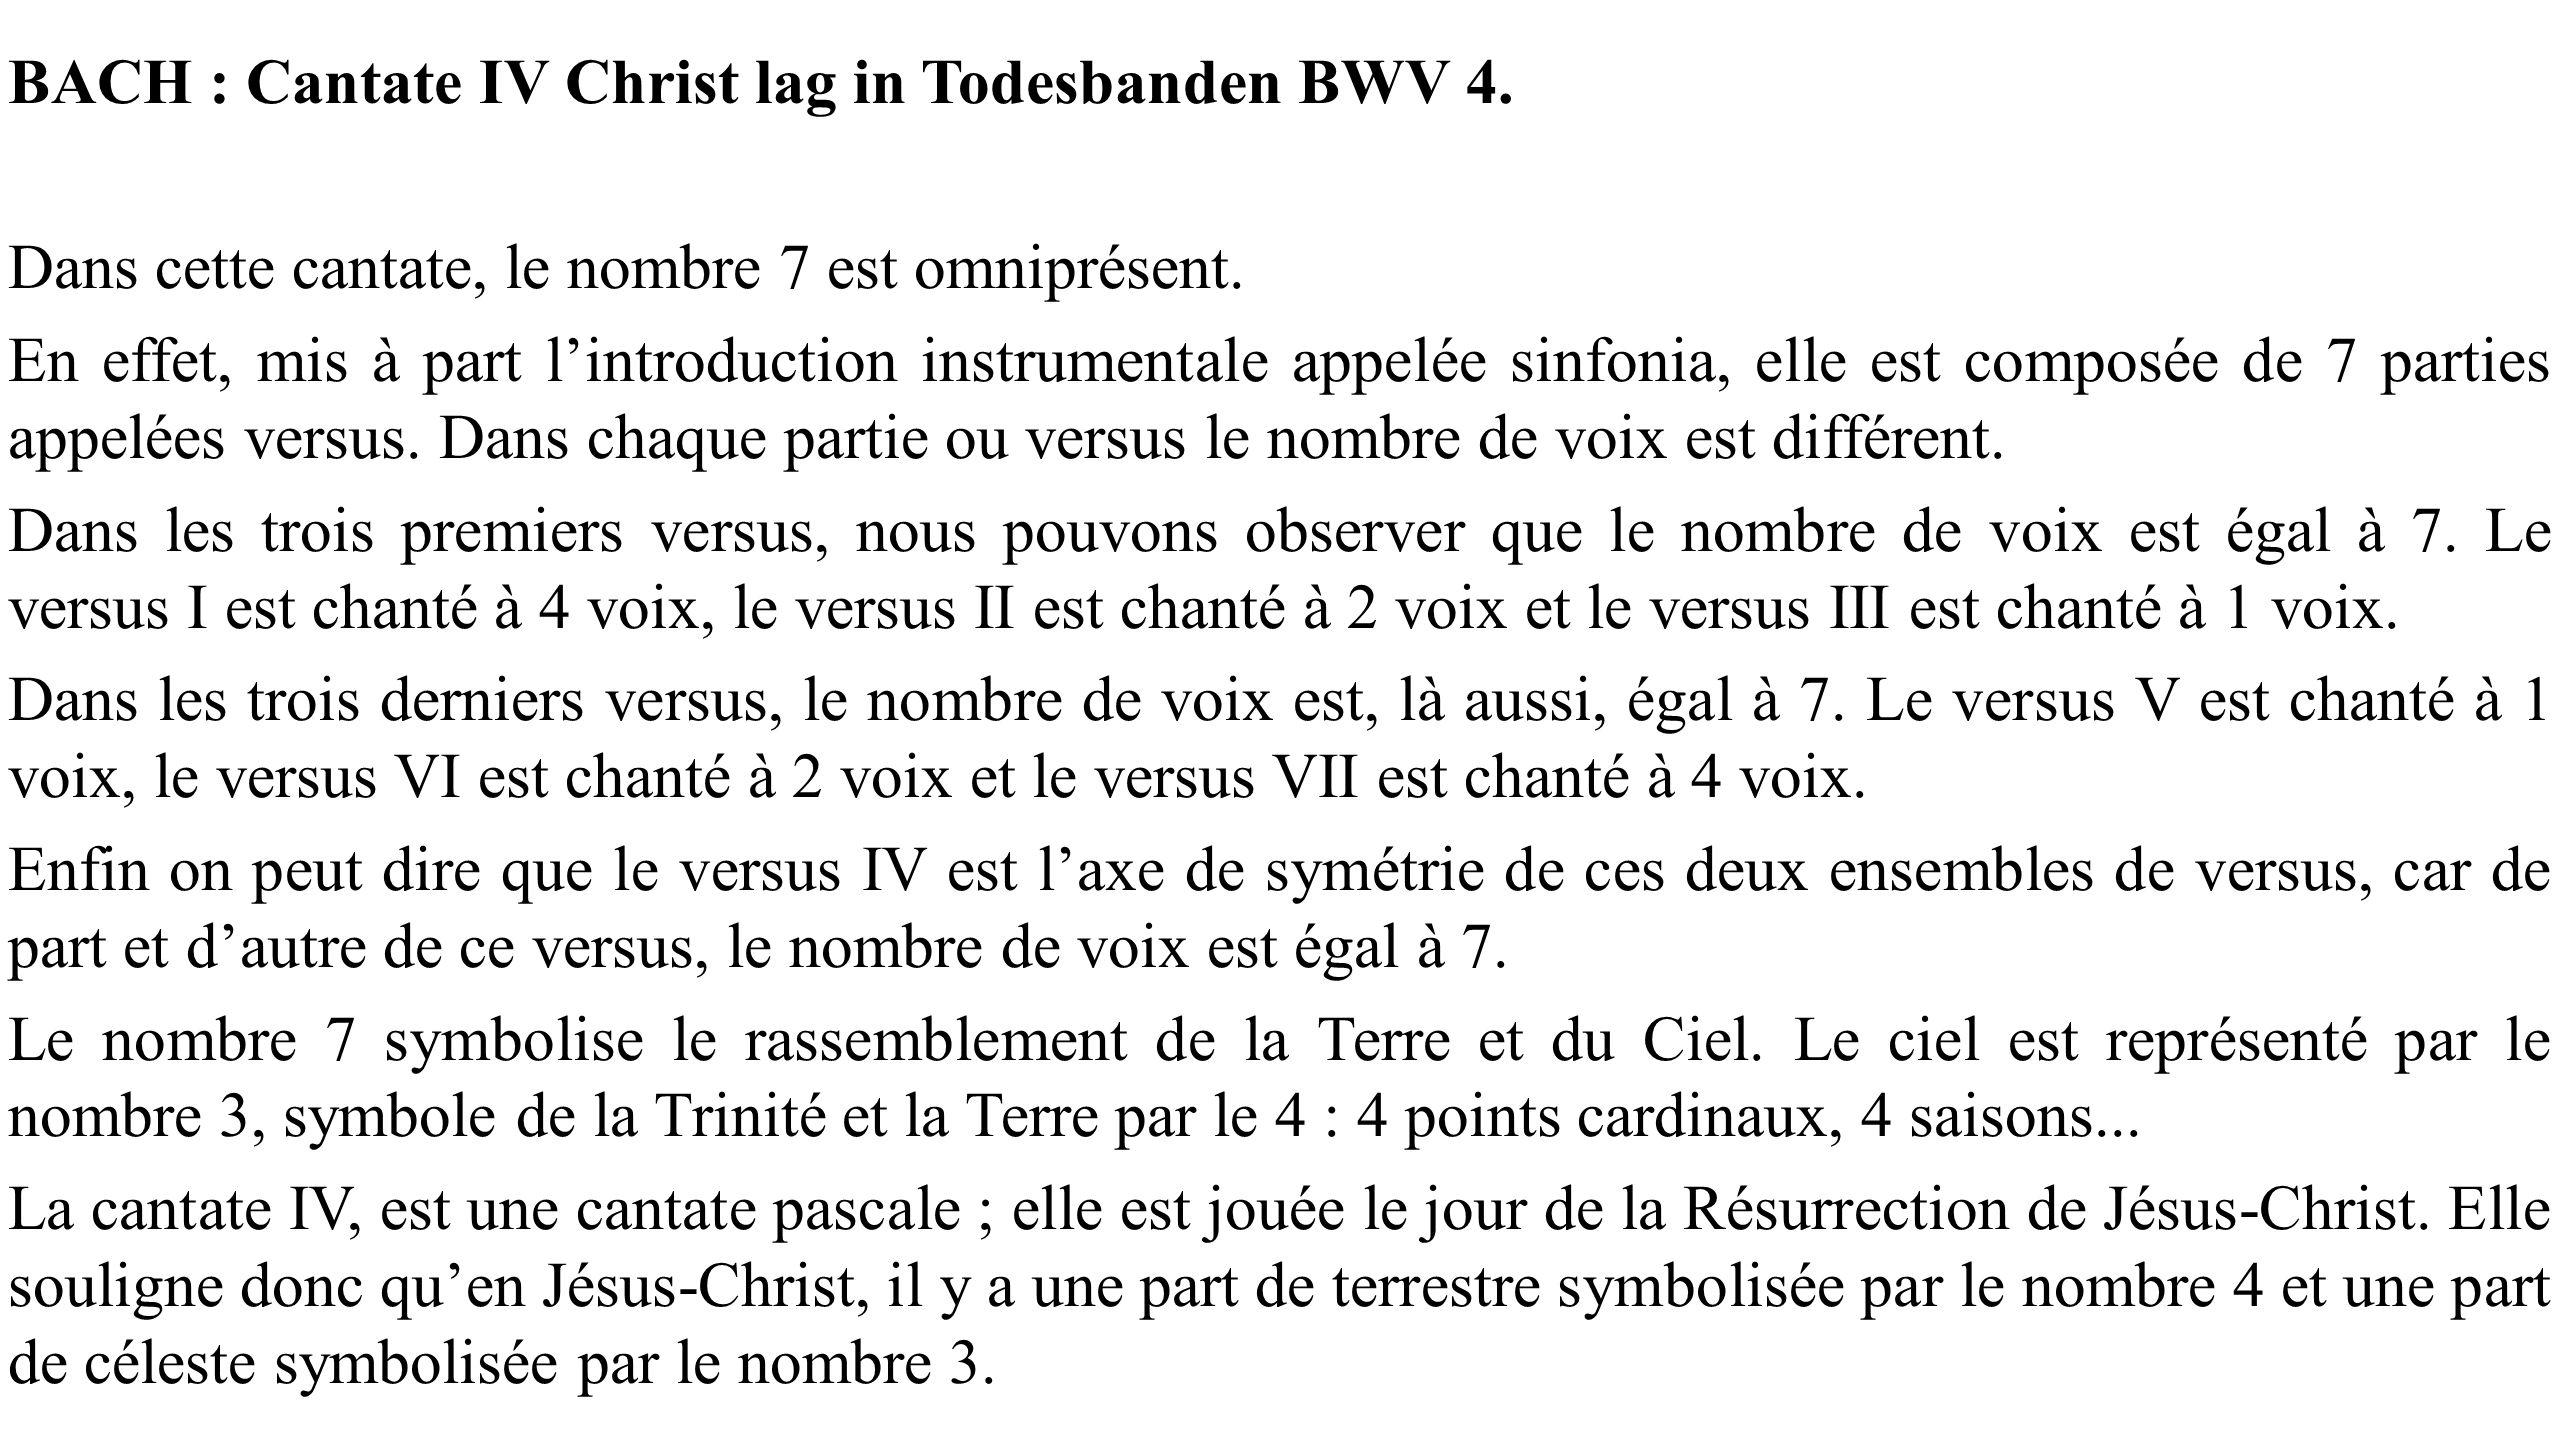 Colloque de 1991 Mathématiques et Art sous la direction de Maurice Loi Editions Hermann 1995 ISBN 2-7056-6254-5 Table des matières à consulter sur : www.ccic-cerisy.asso.fr/mathartTM95.html